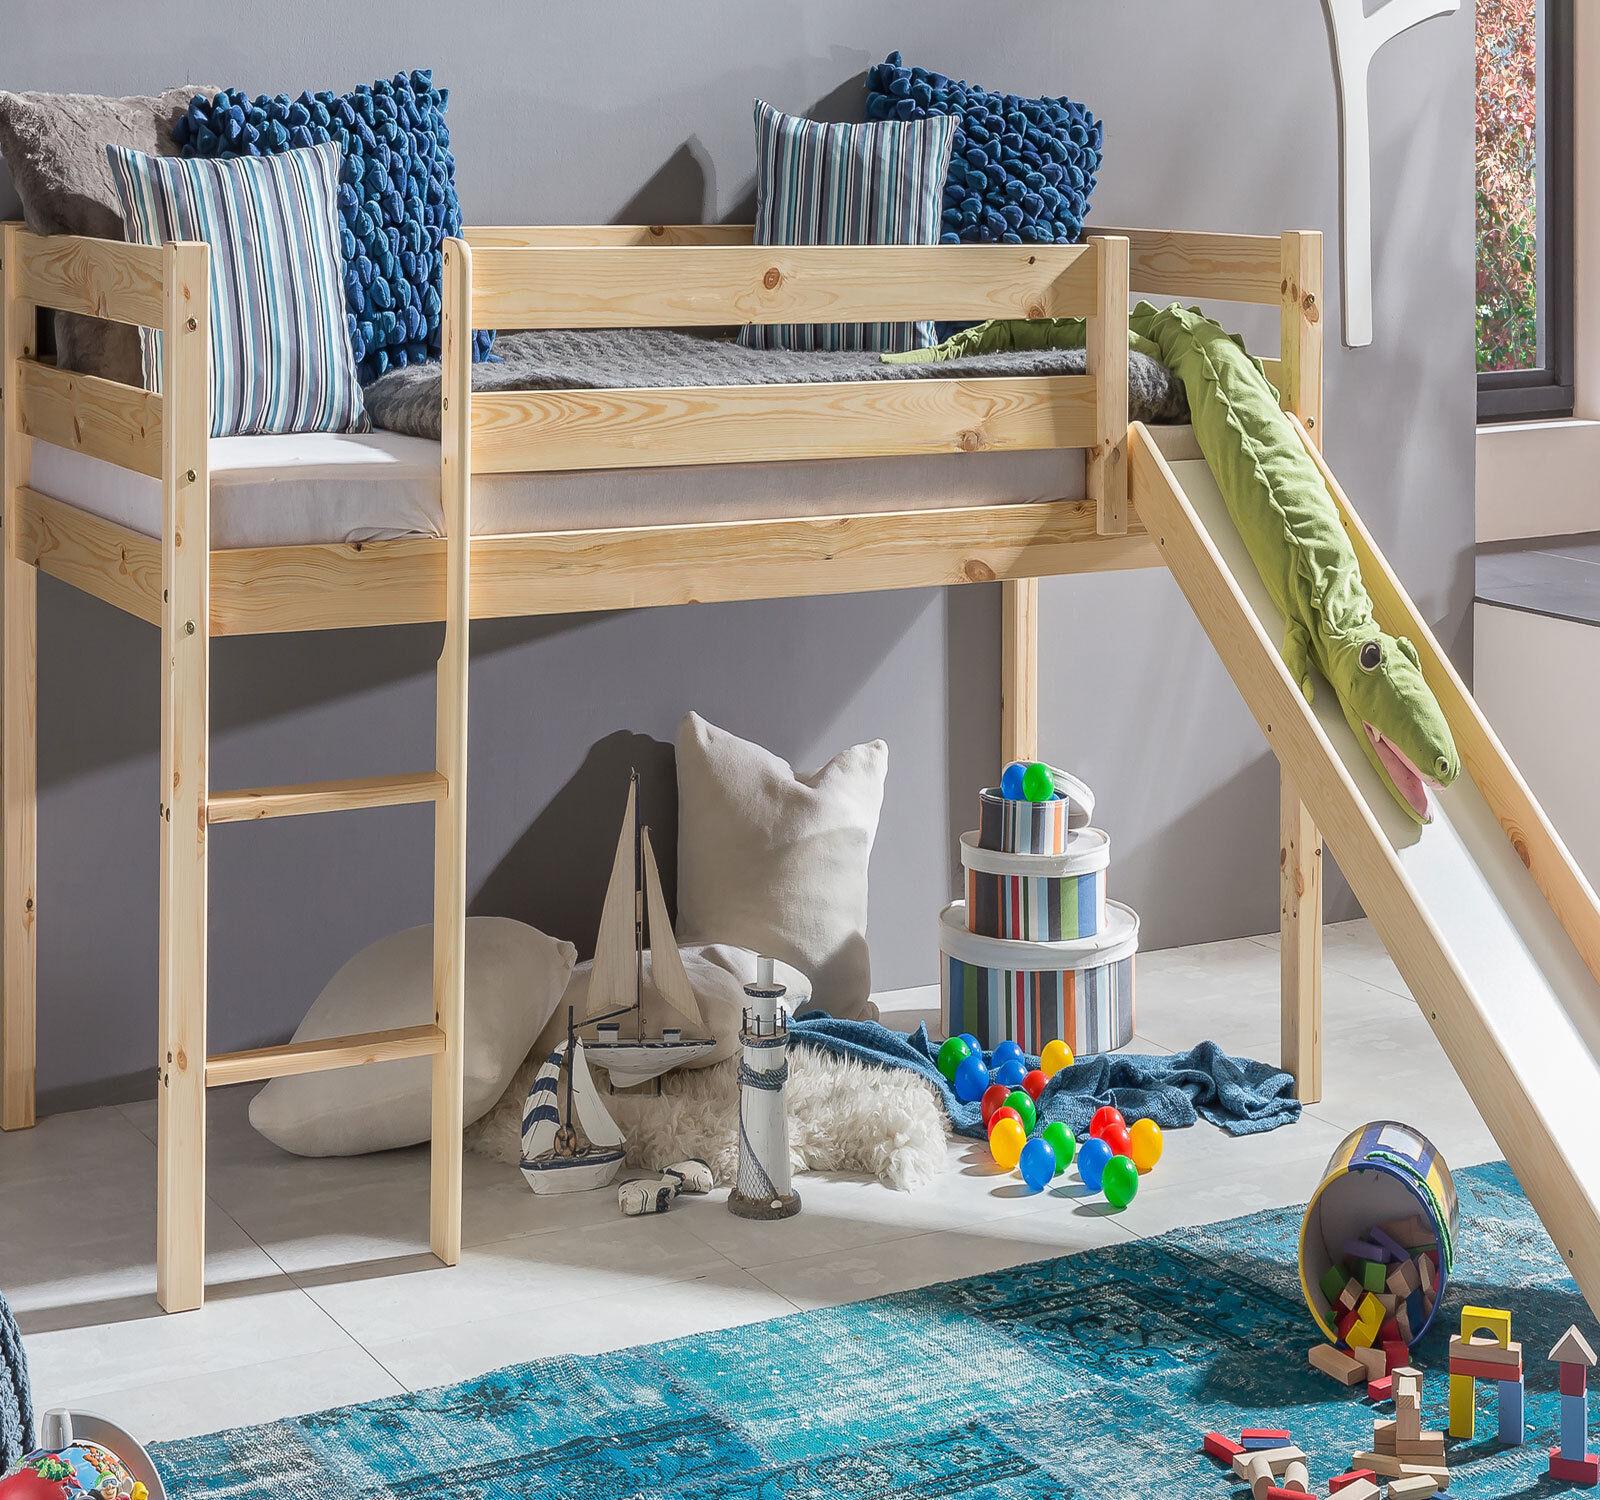 kinderbett hochbett mit rutsche leiter hochbett spielbett. Black Bedroom Furniture Sets. Home Design Ideas